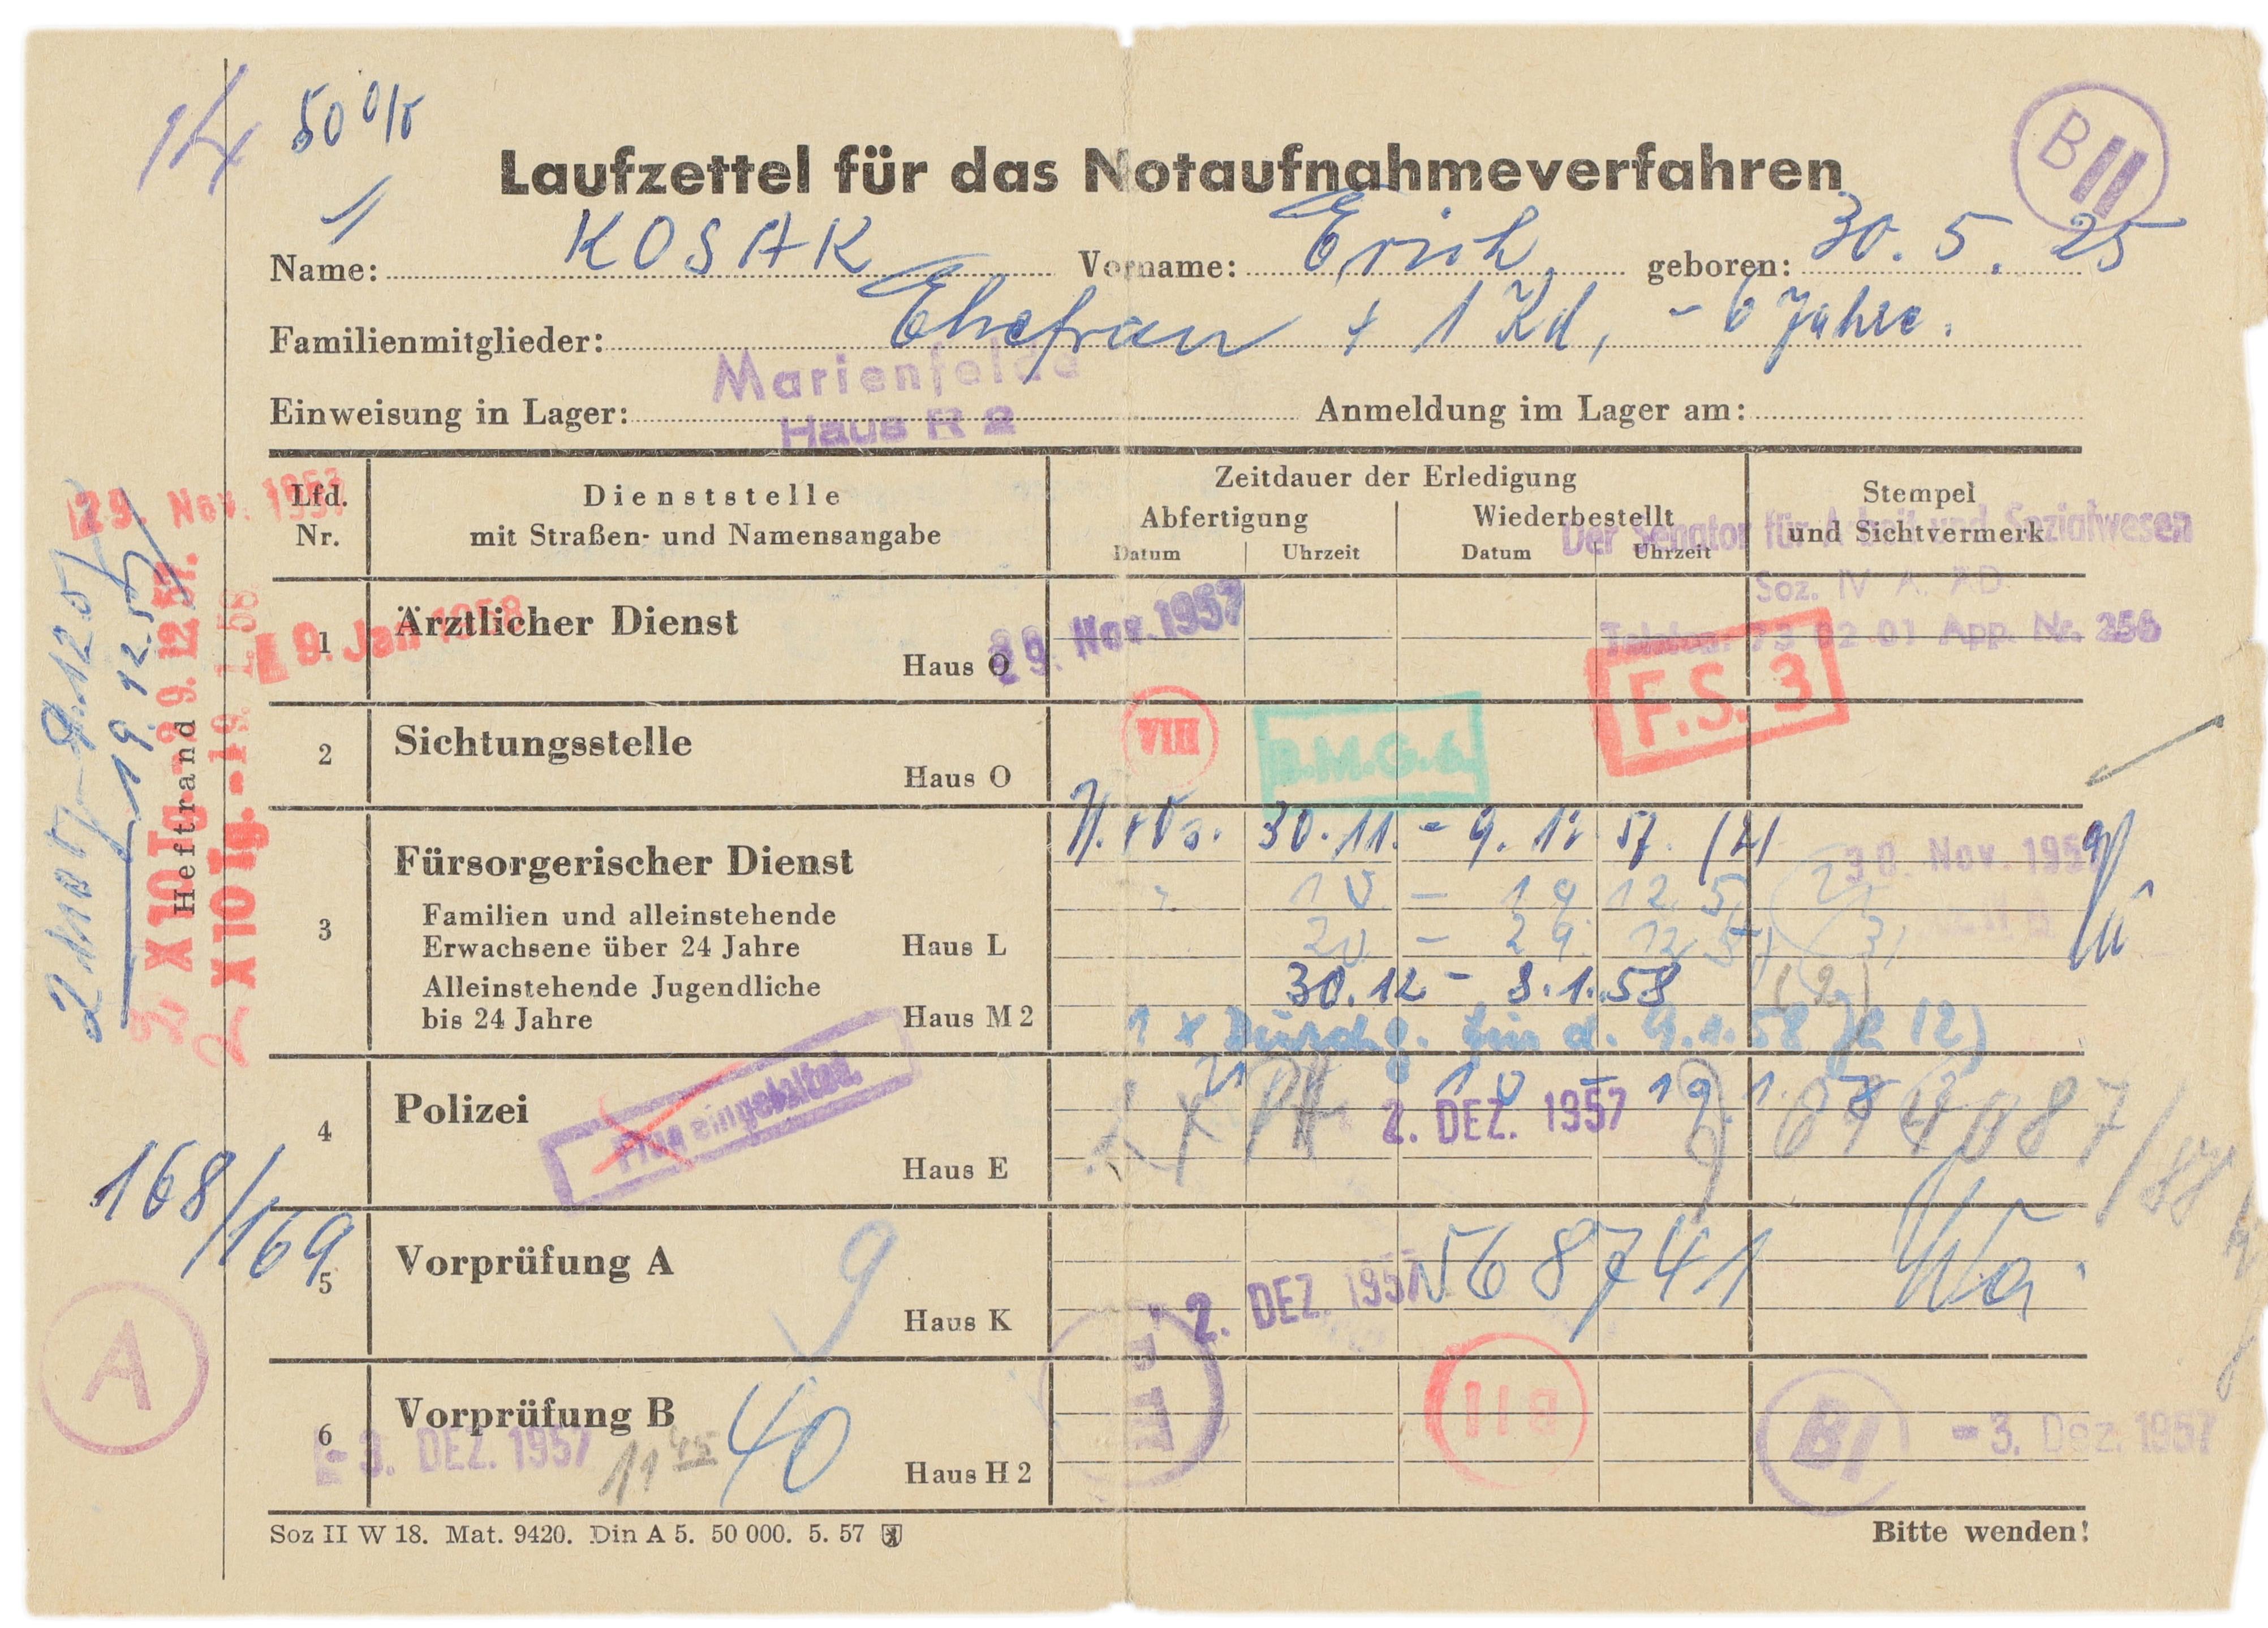 Laufzettel-1-COPYRIGHT-Sammlung-Deutsches-Auswandererhaus